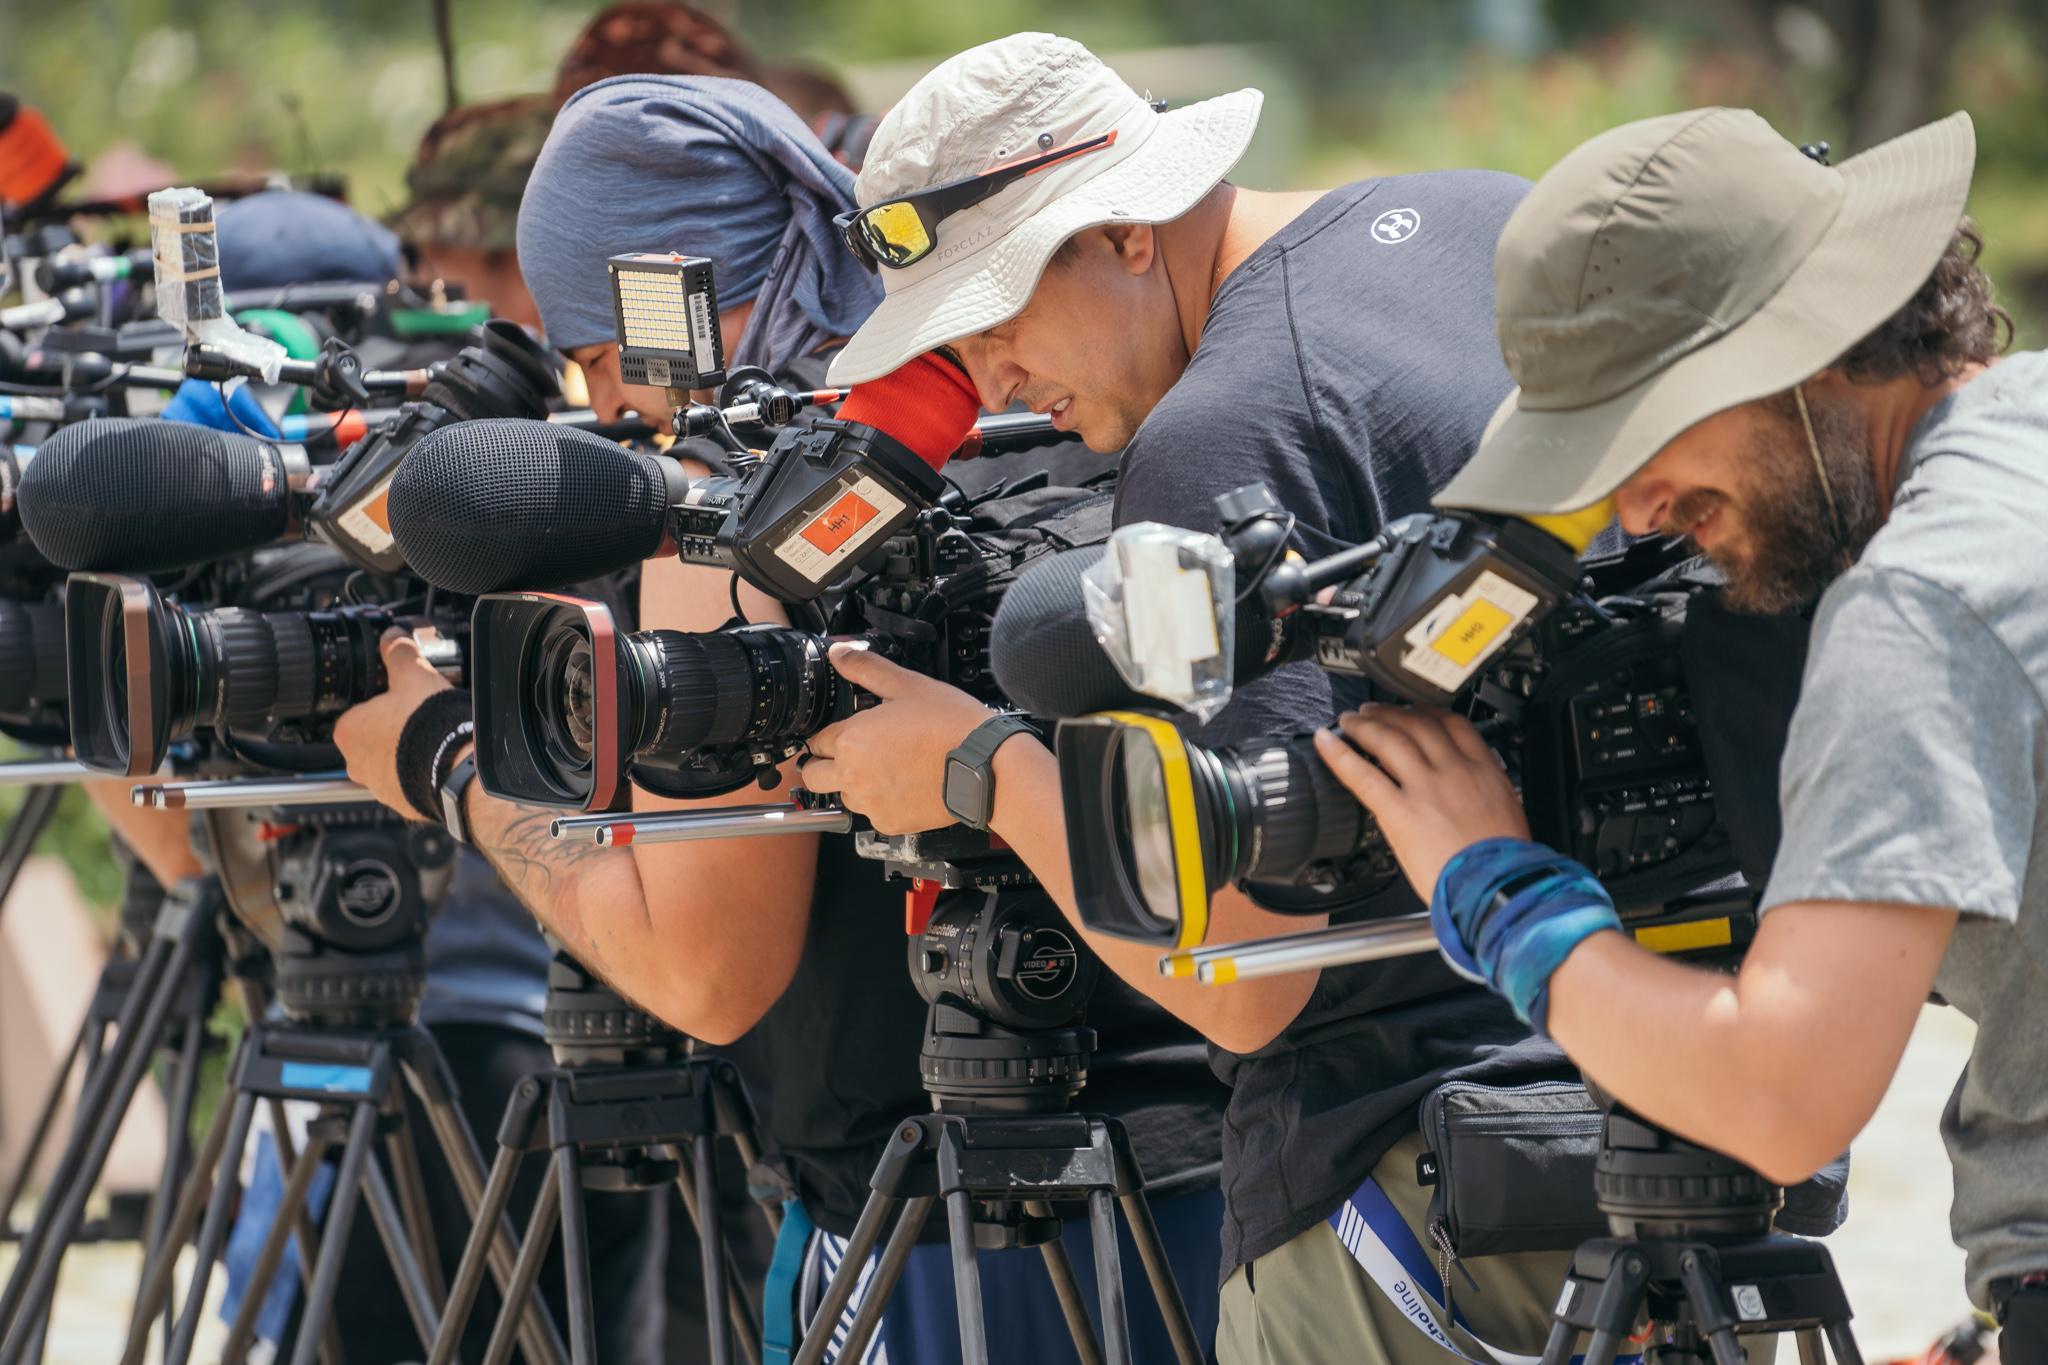 Fotoreportaj Asia Express, episodul 4. Ce se întâmplă în spatele camerelor de filmat și cum arată echipa care nu se vede la TV